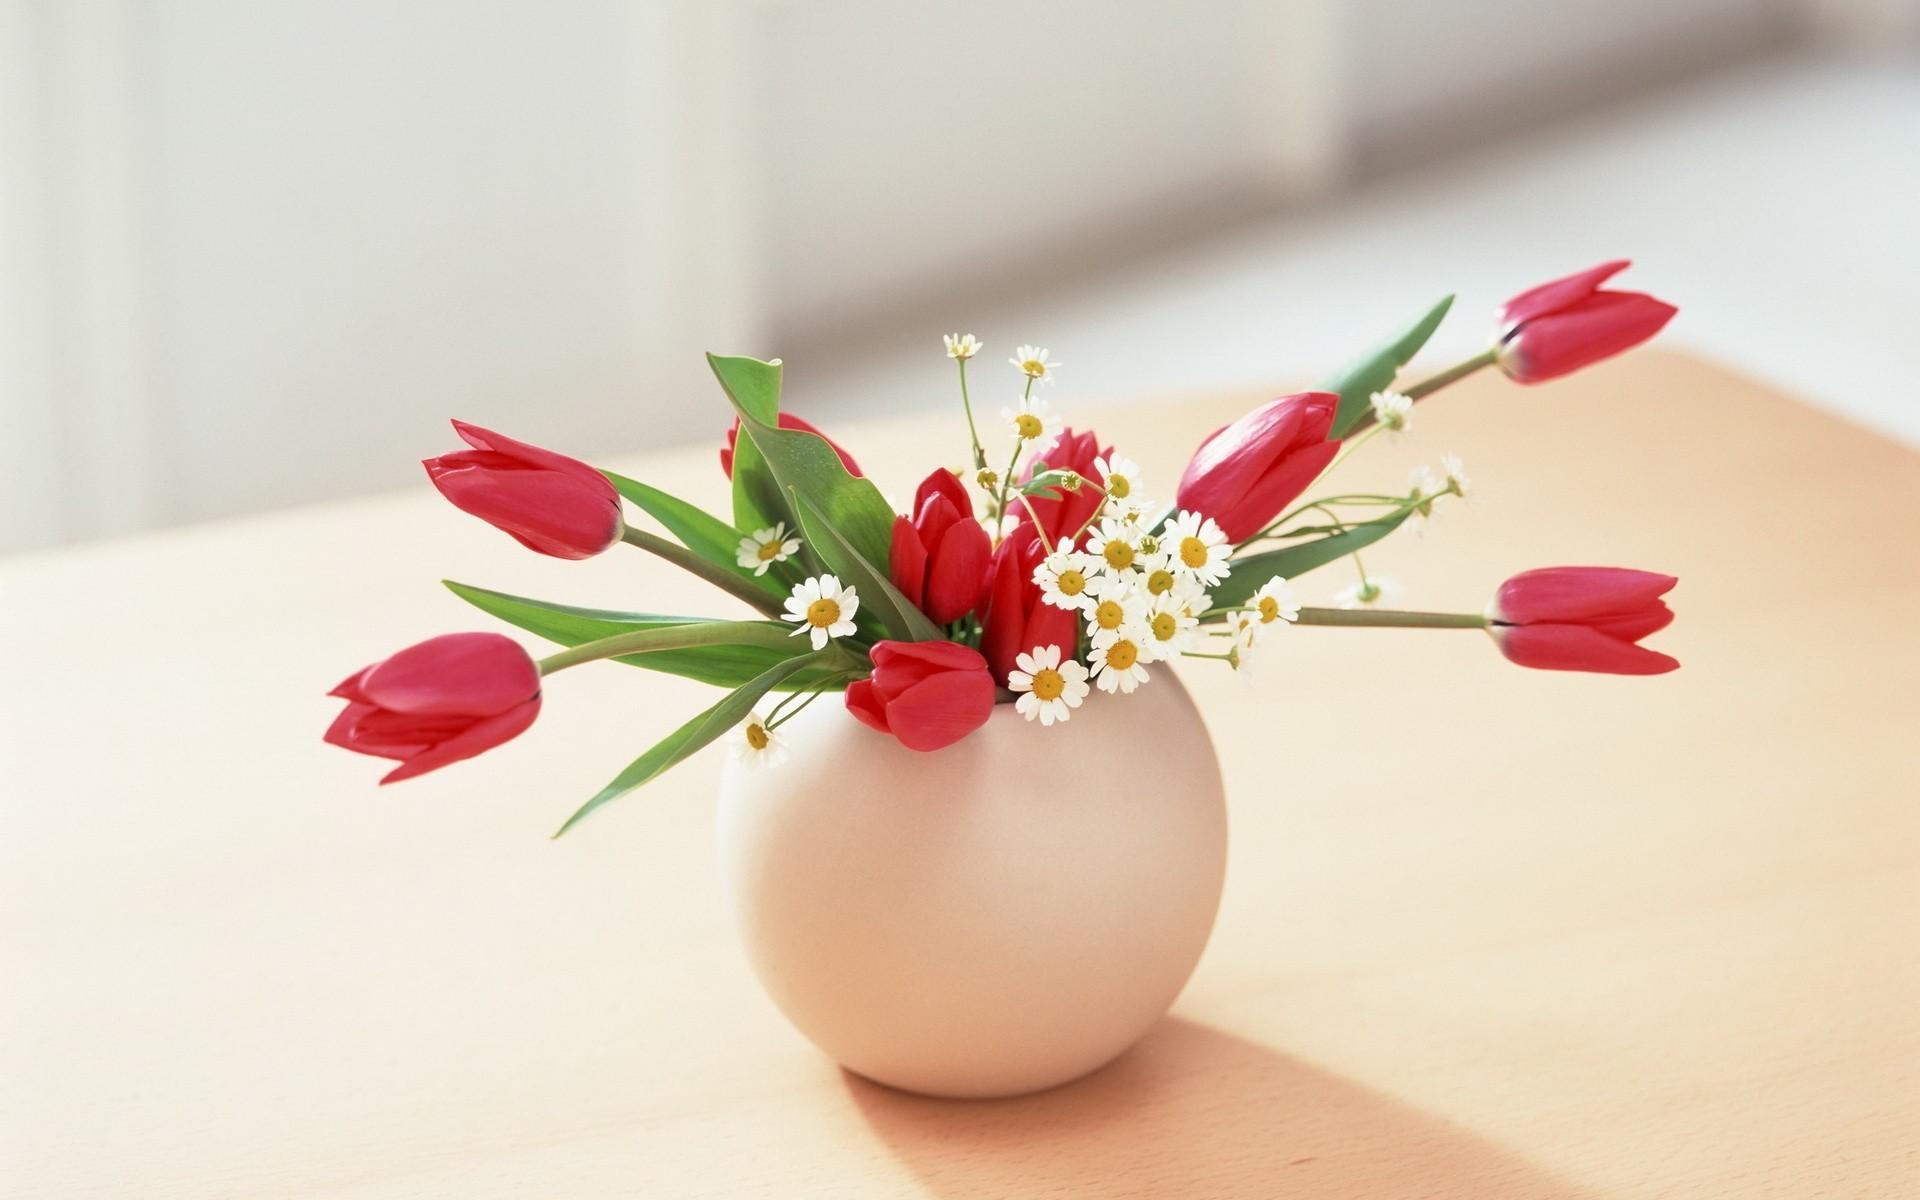 27523 скачать обои Растения, Цветы, Тюльпаны, Букеты - заставки и картинки бесплатно